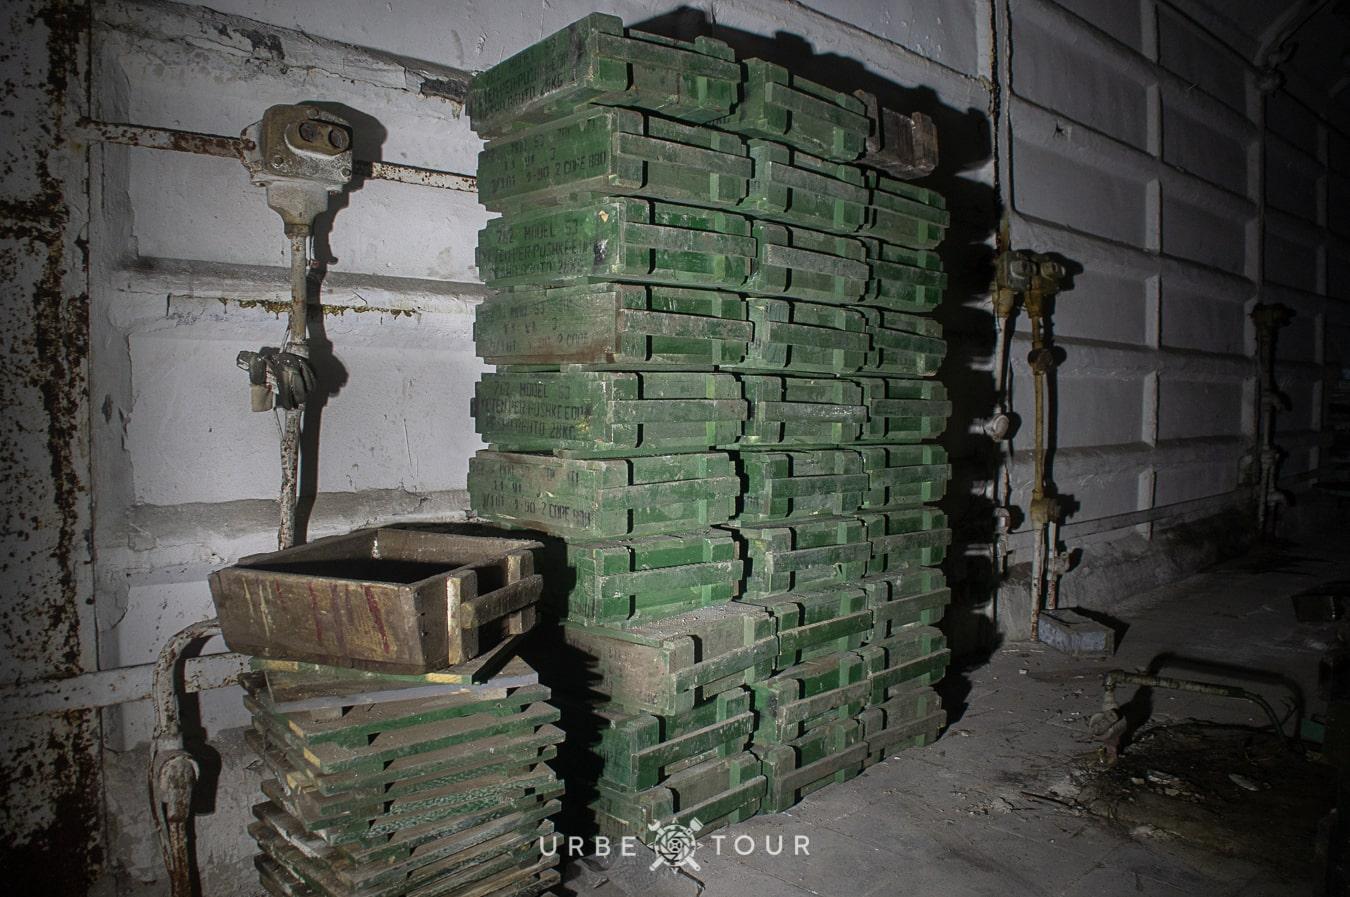 polican-communist-wearpon-underground-plant-40 Поличан: секретный военный бункер-завод коммунистов в горах Албании